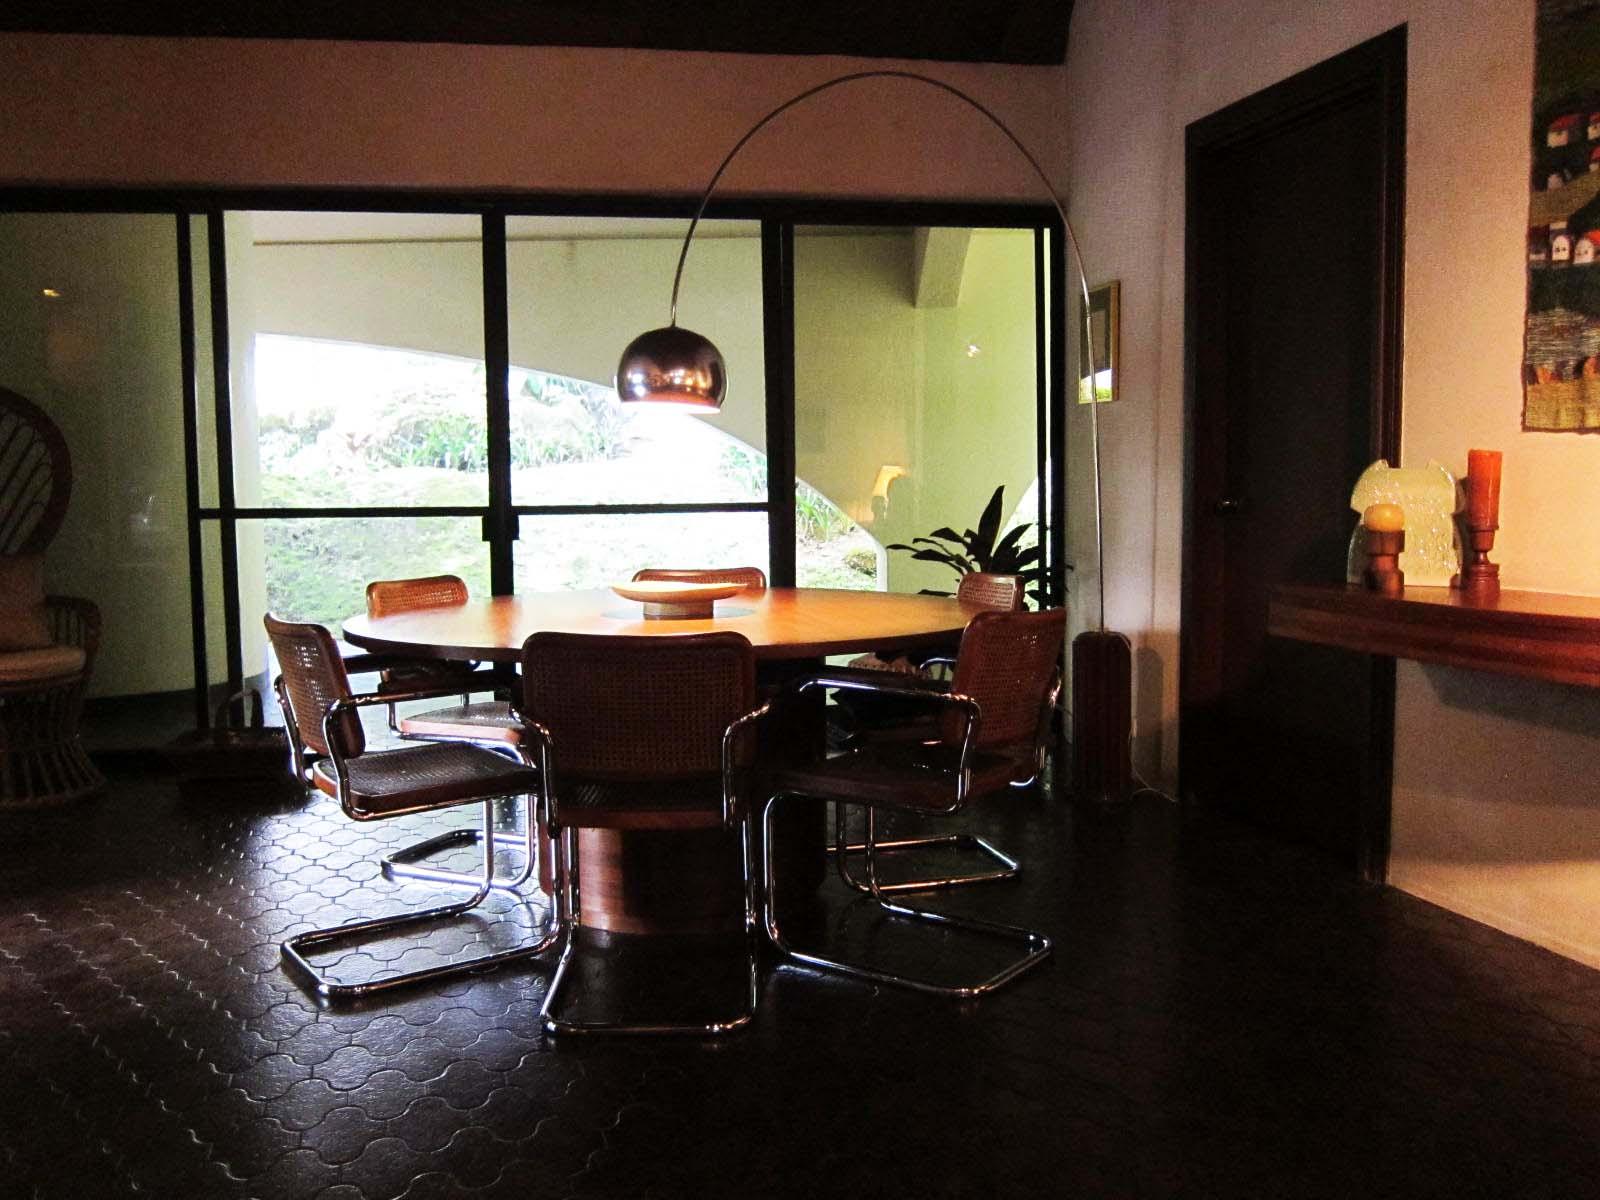 QUEZON CITY, La Vista Village, Four-bedroom House (For Sale) title=